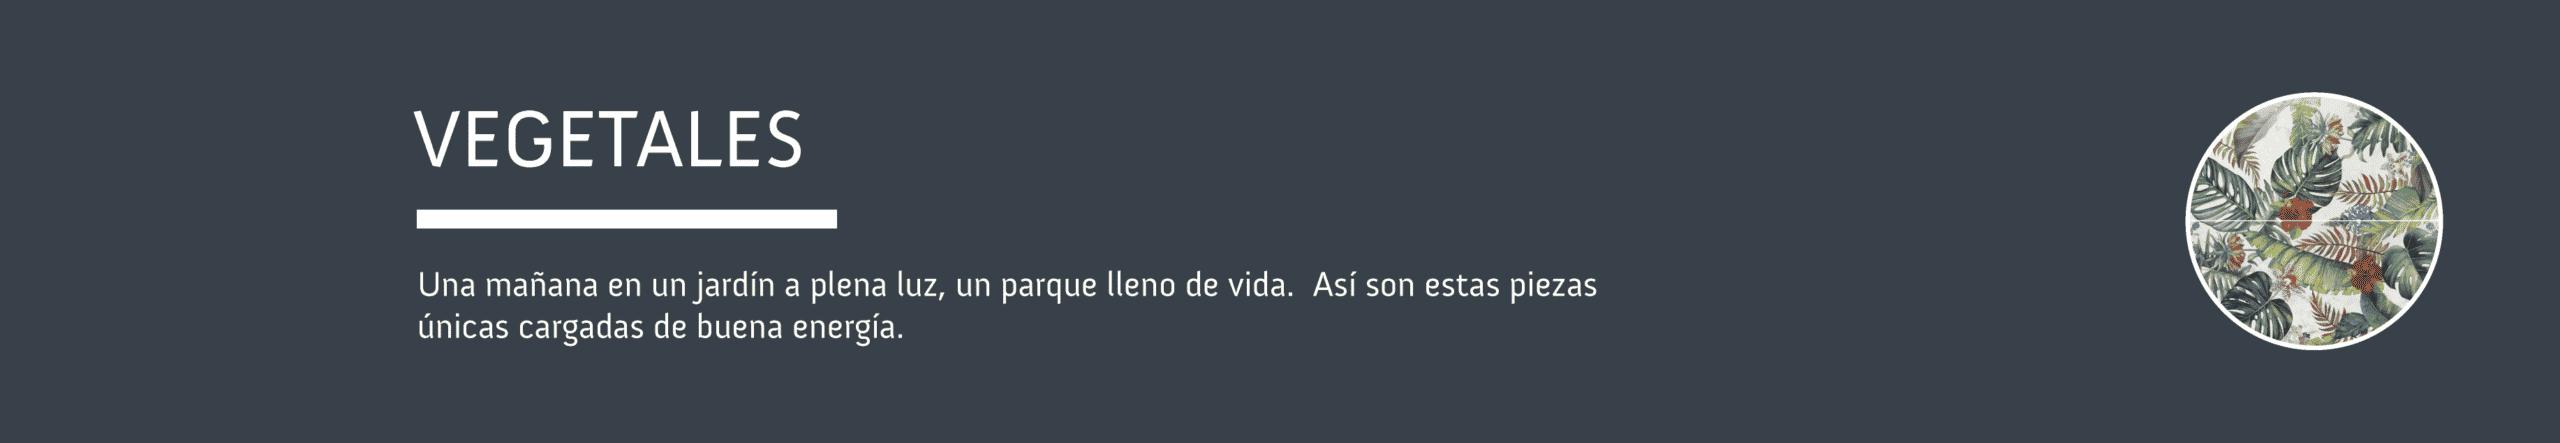 titulo-03